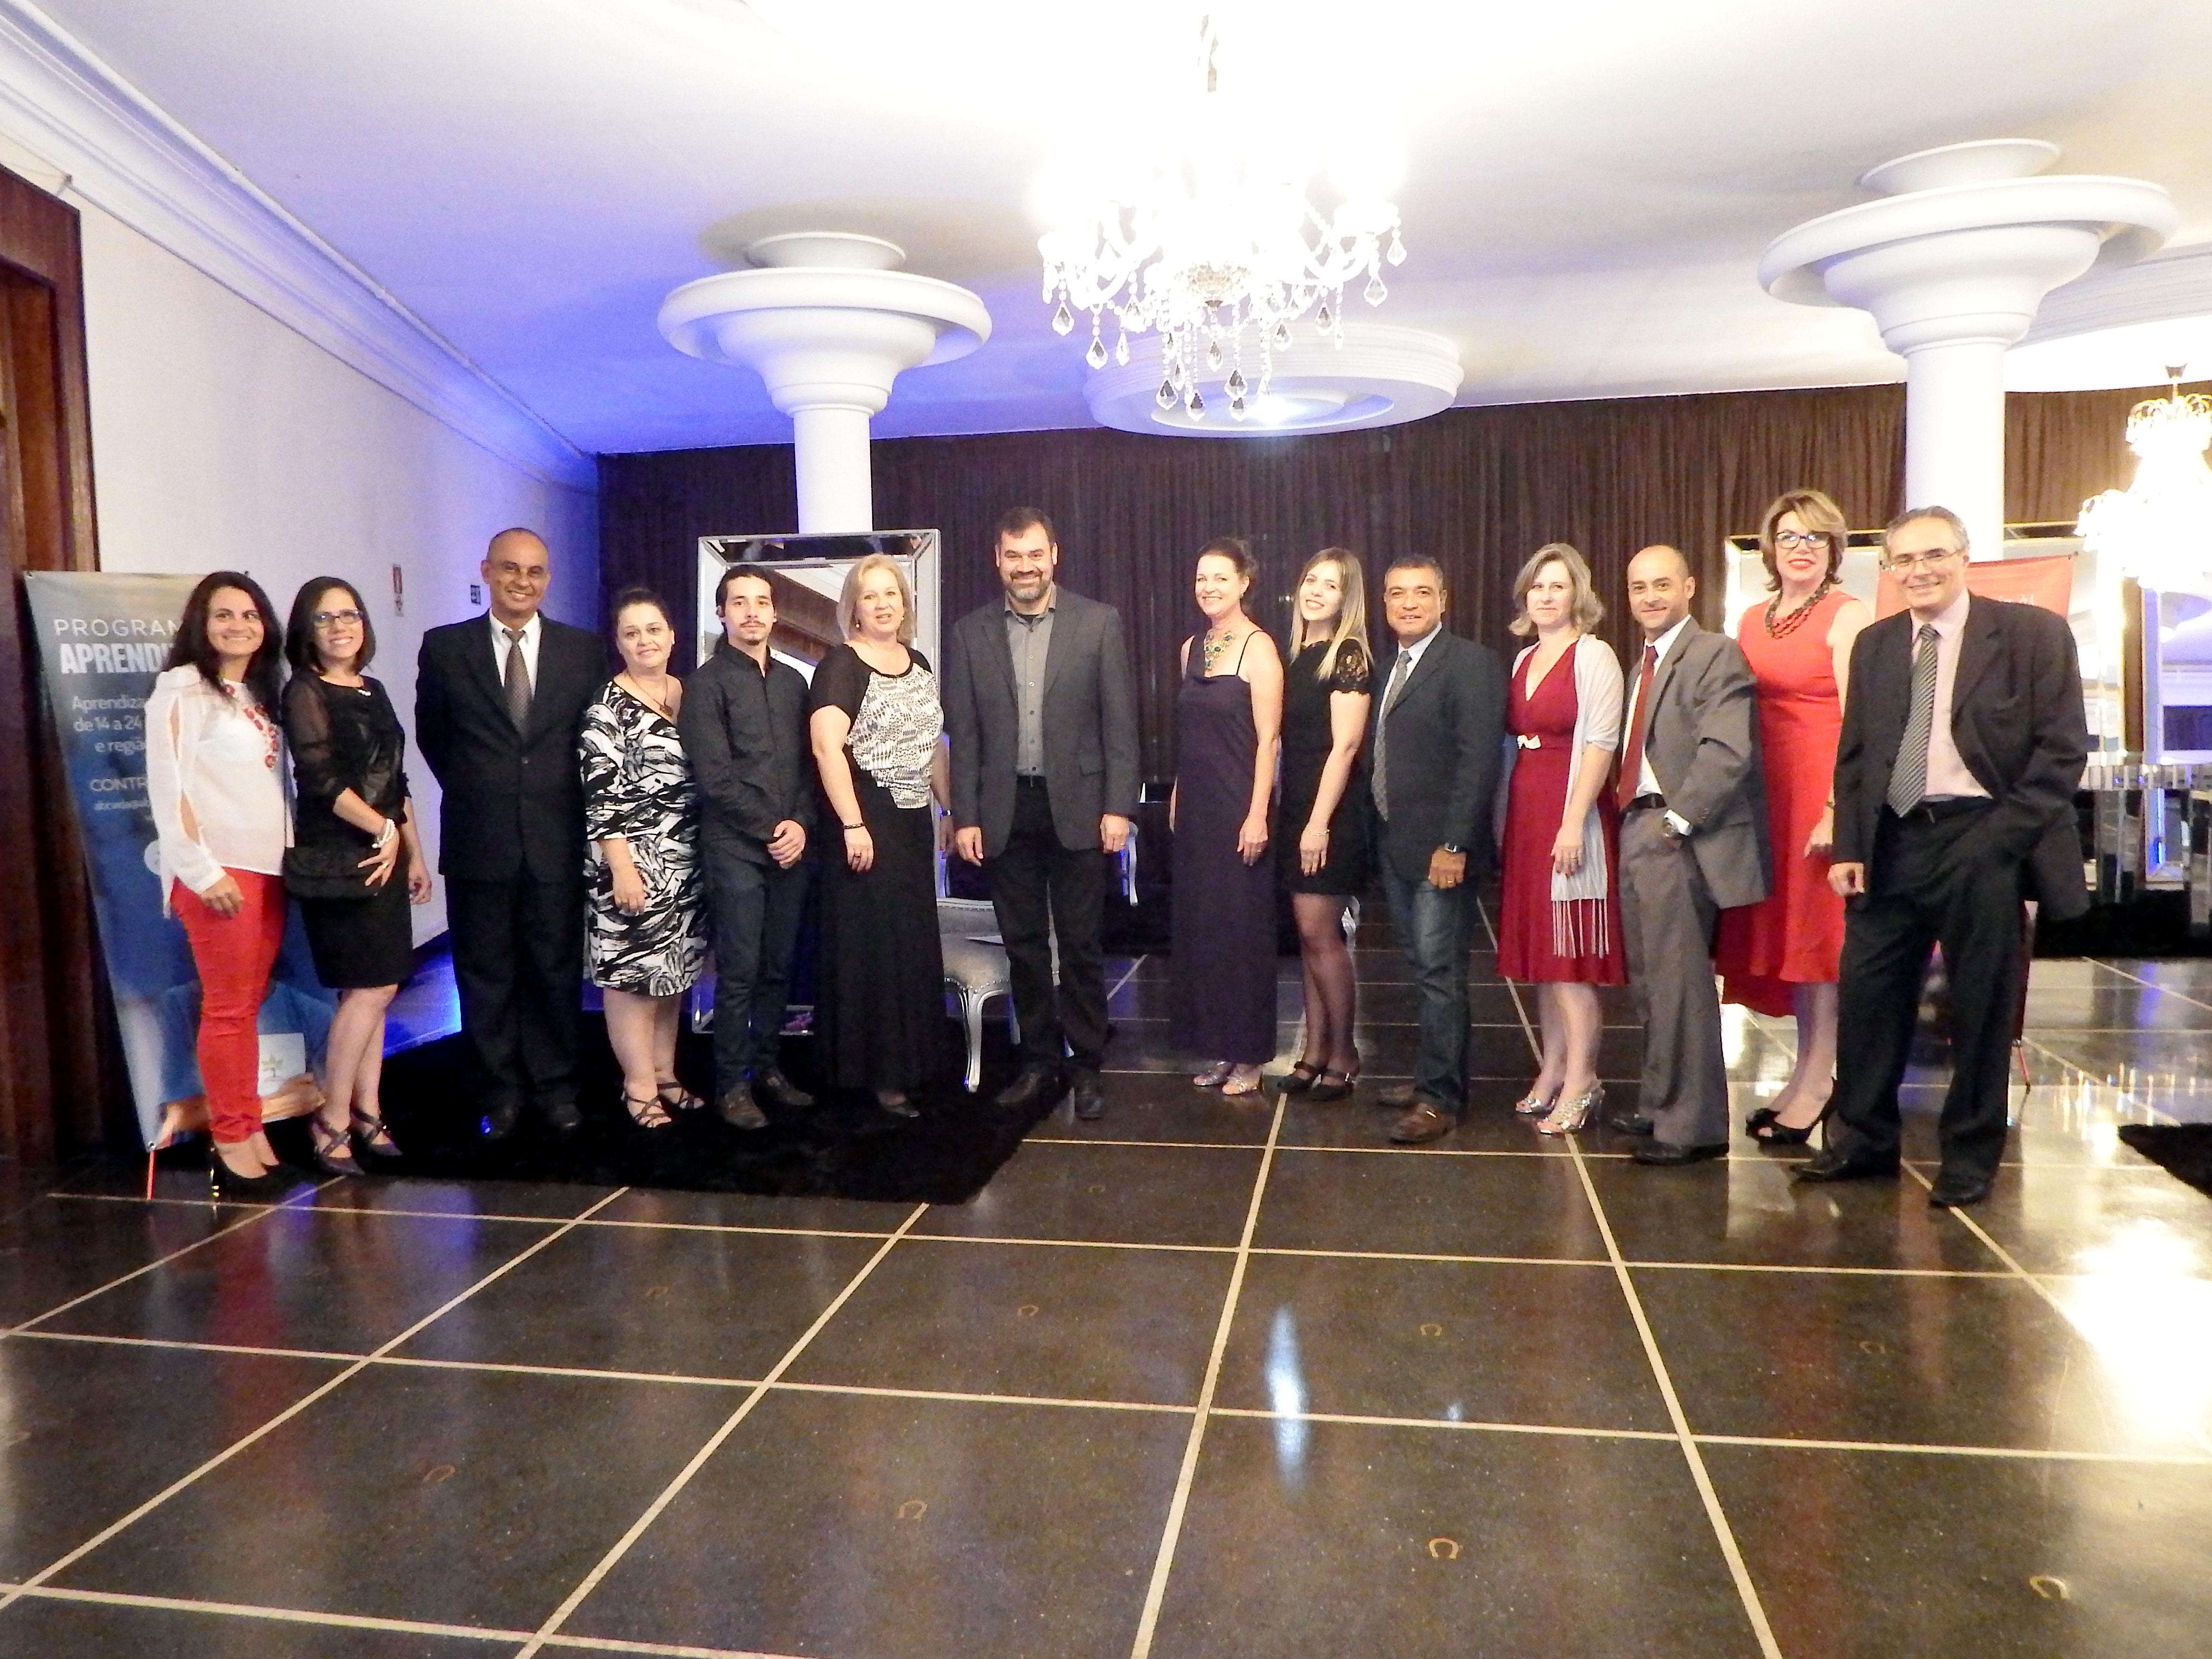 Equipe, voluntários e diretoria da ABC Vida participam de jantar comemorativo